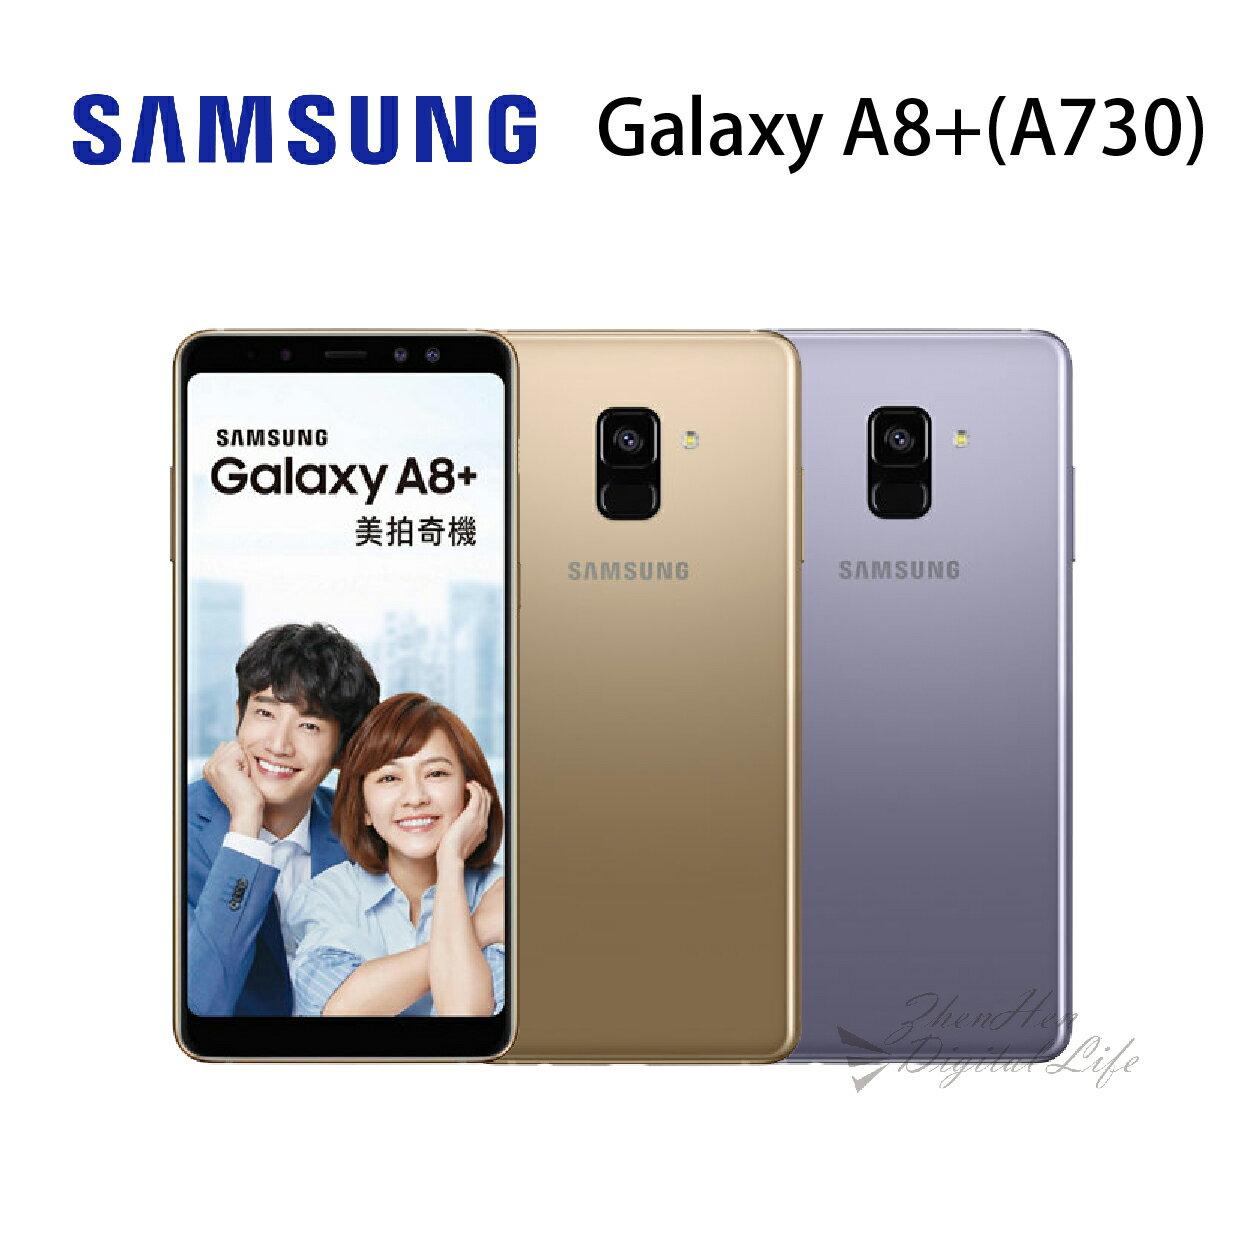 [滿3000,最高16%點數回饋]三星 SAMSUNG Galaxy A8+ (2018) 6吋 6G/64G-金/紫 [12分期零利率]